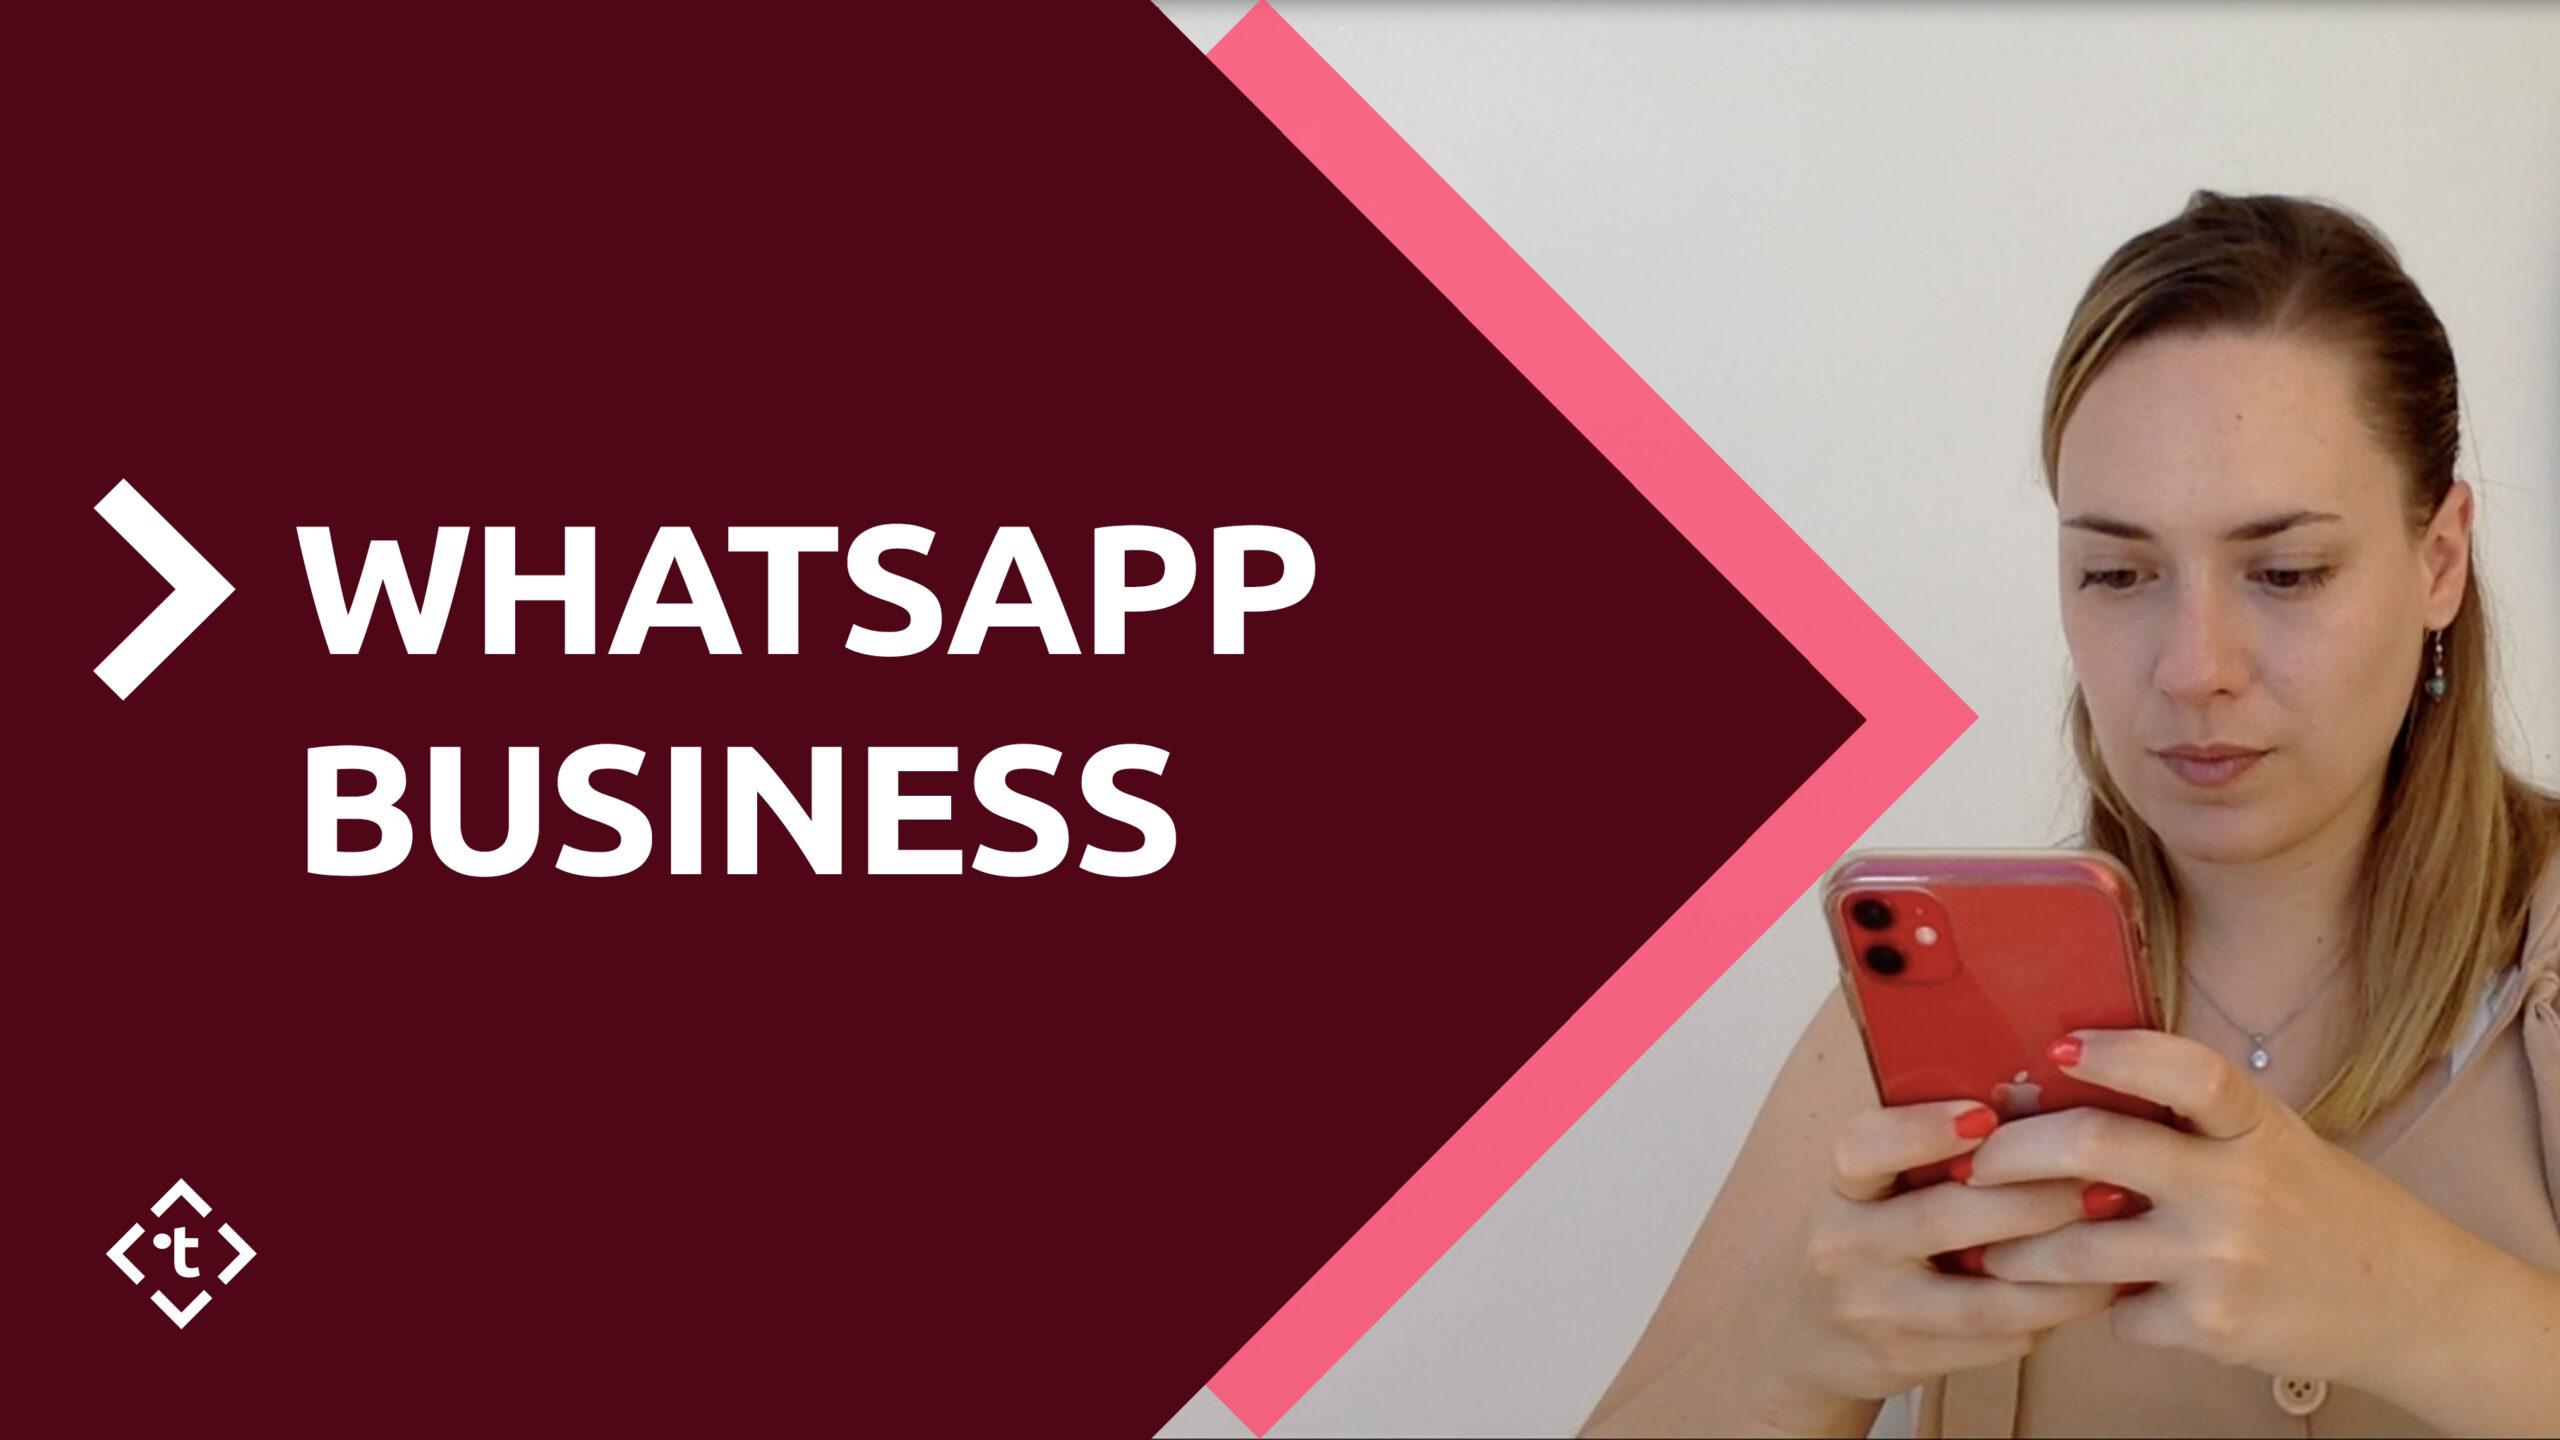 whatsapp business agencia de viajes turismo